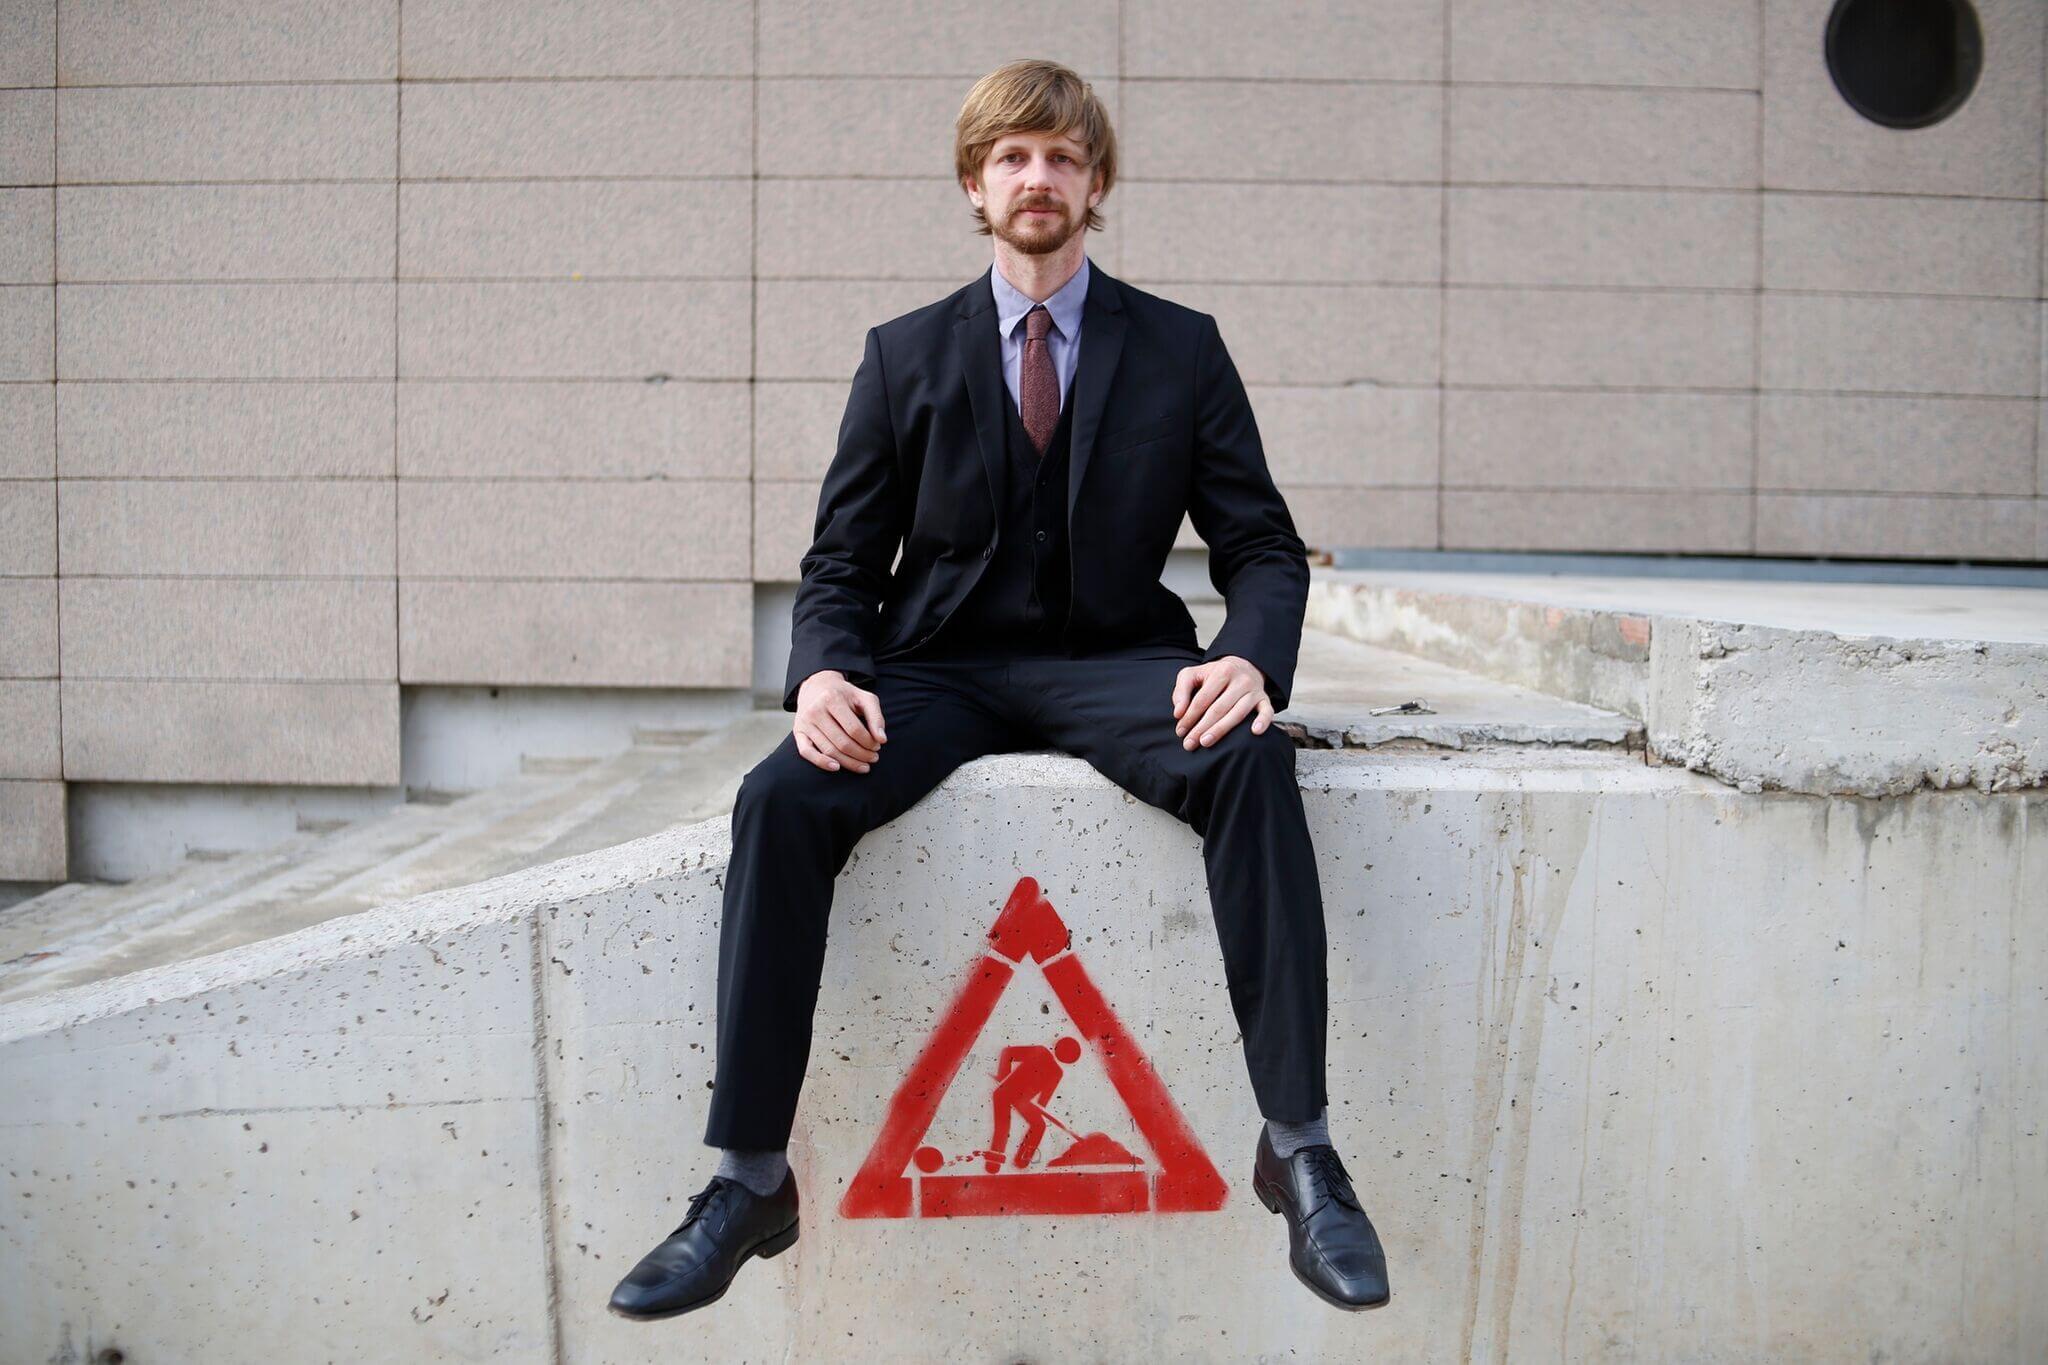 Homeless Entrepreneur Andrew Funk